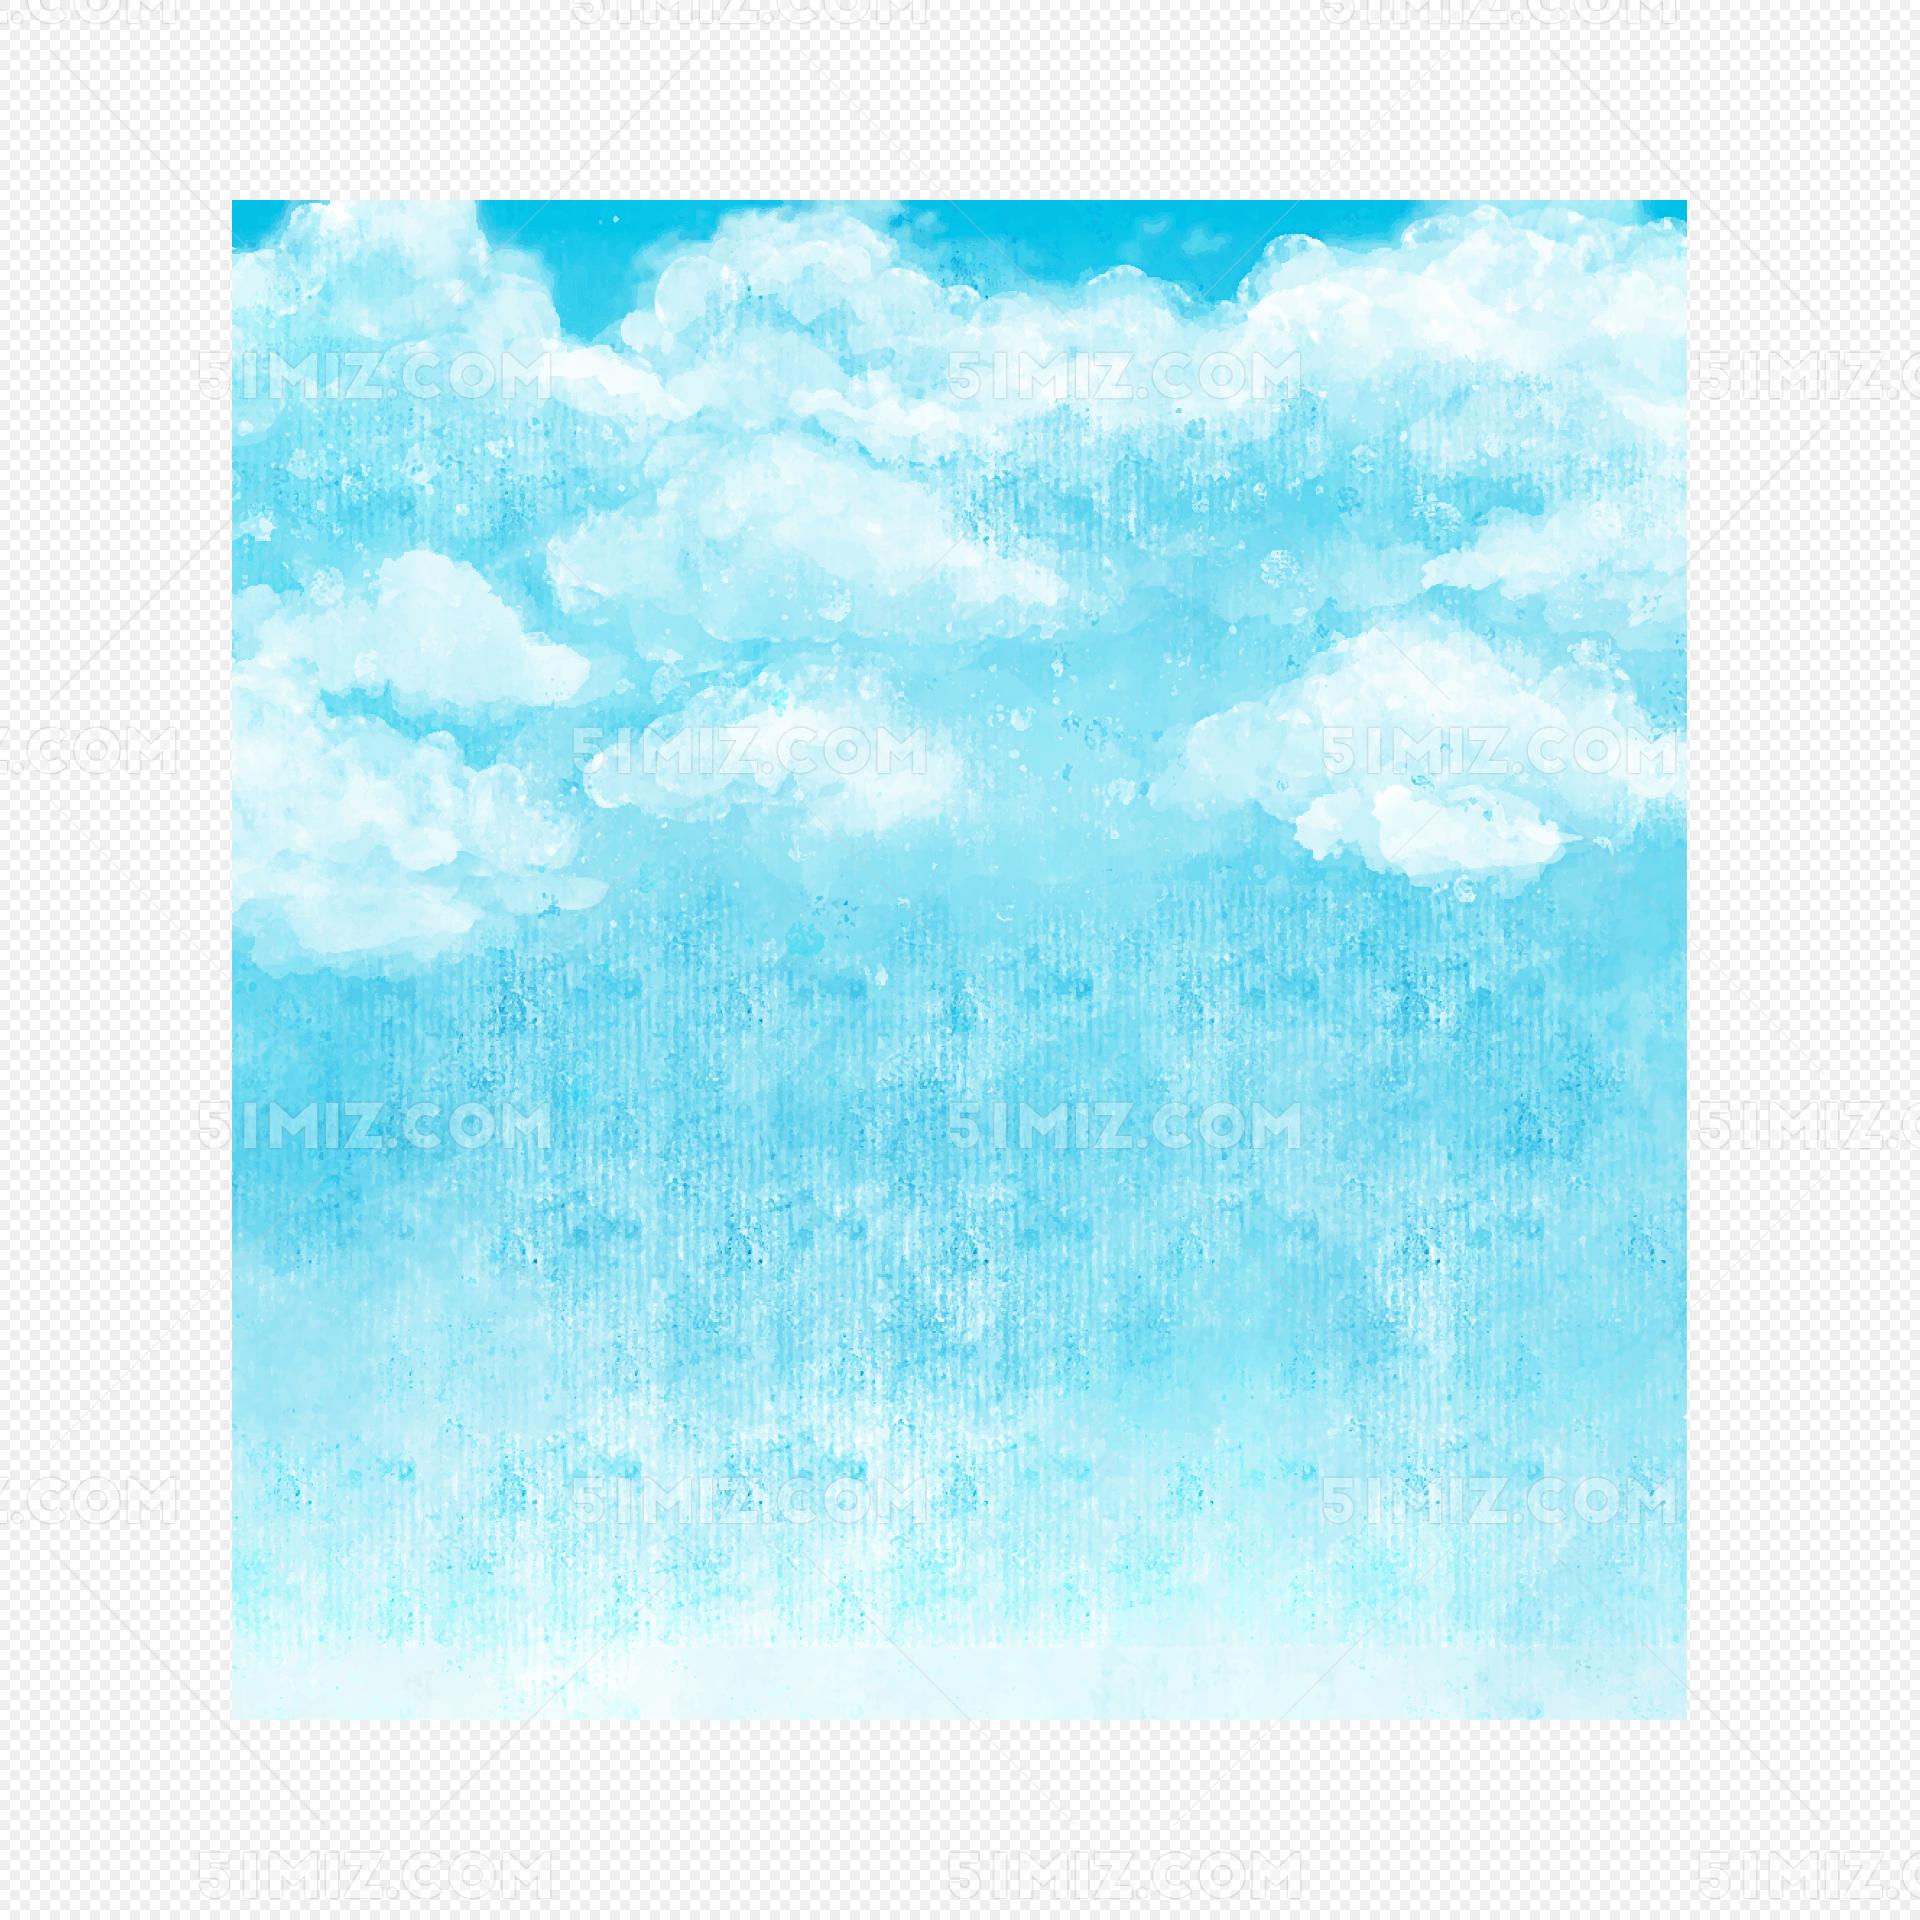 png素材 手绘水墨蓝天白云朵水彩插画标签:蓝天白云 水彩水墨 卡通